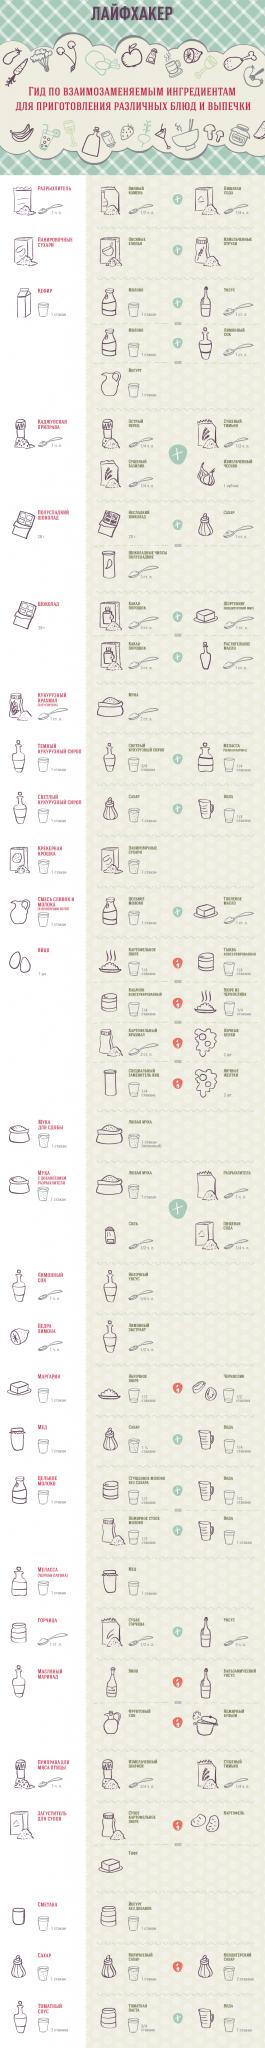 Взаимозаменяемые продукты